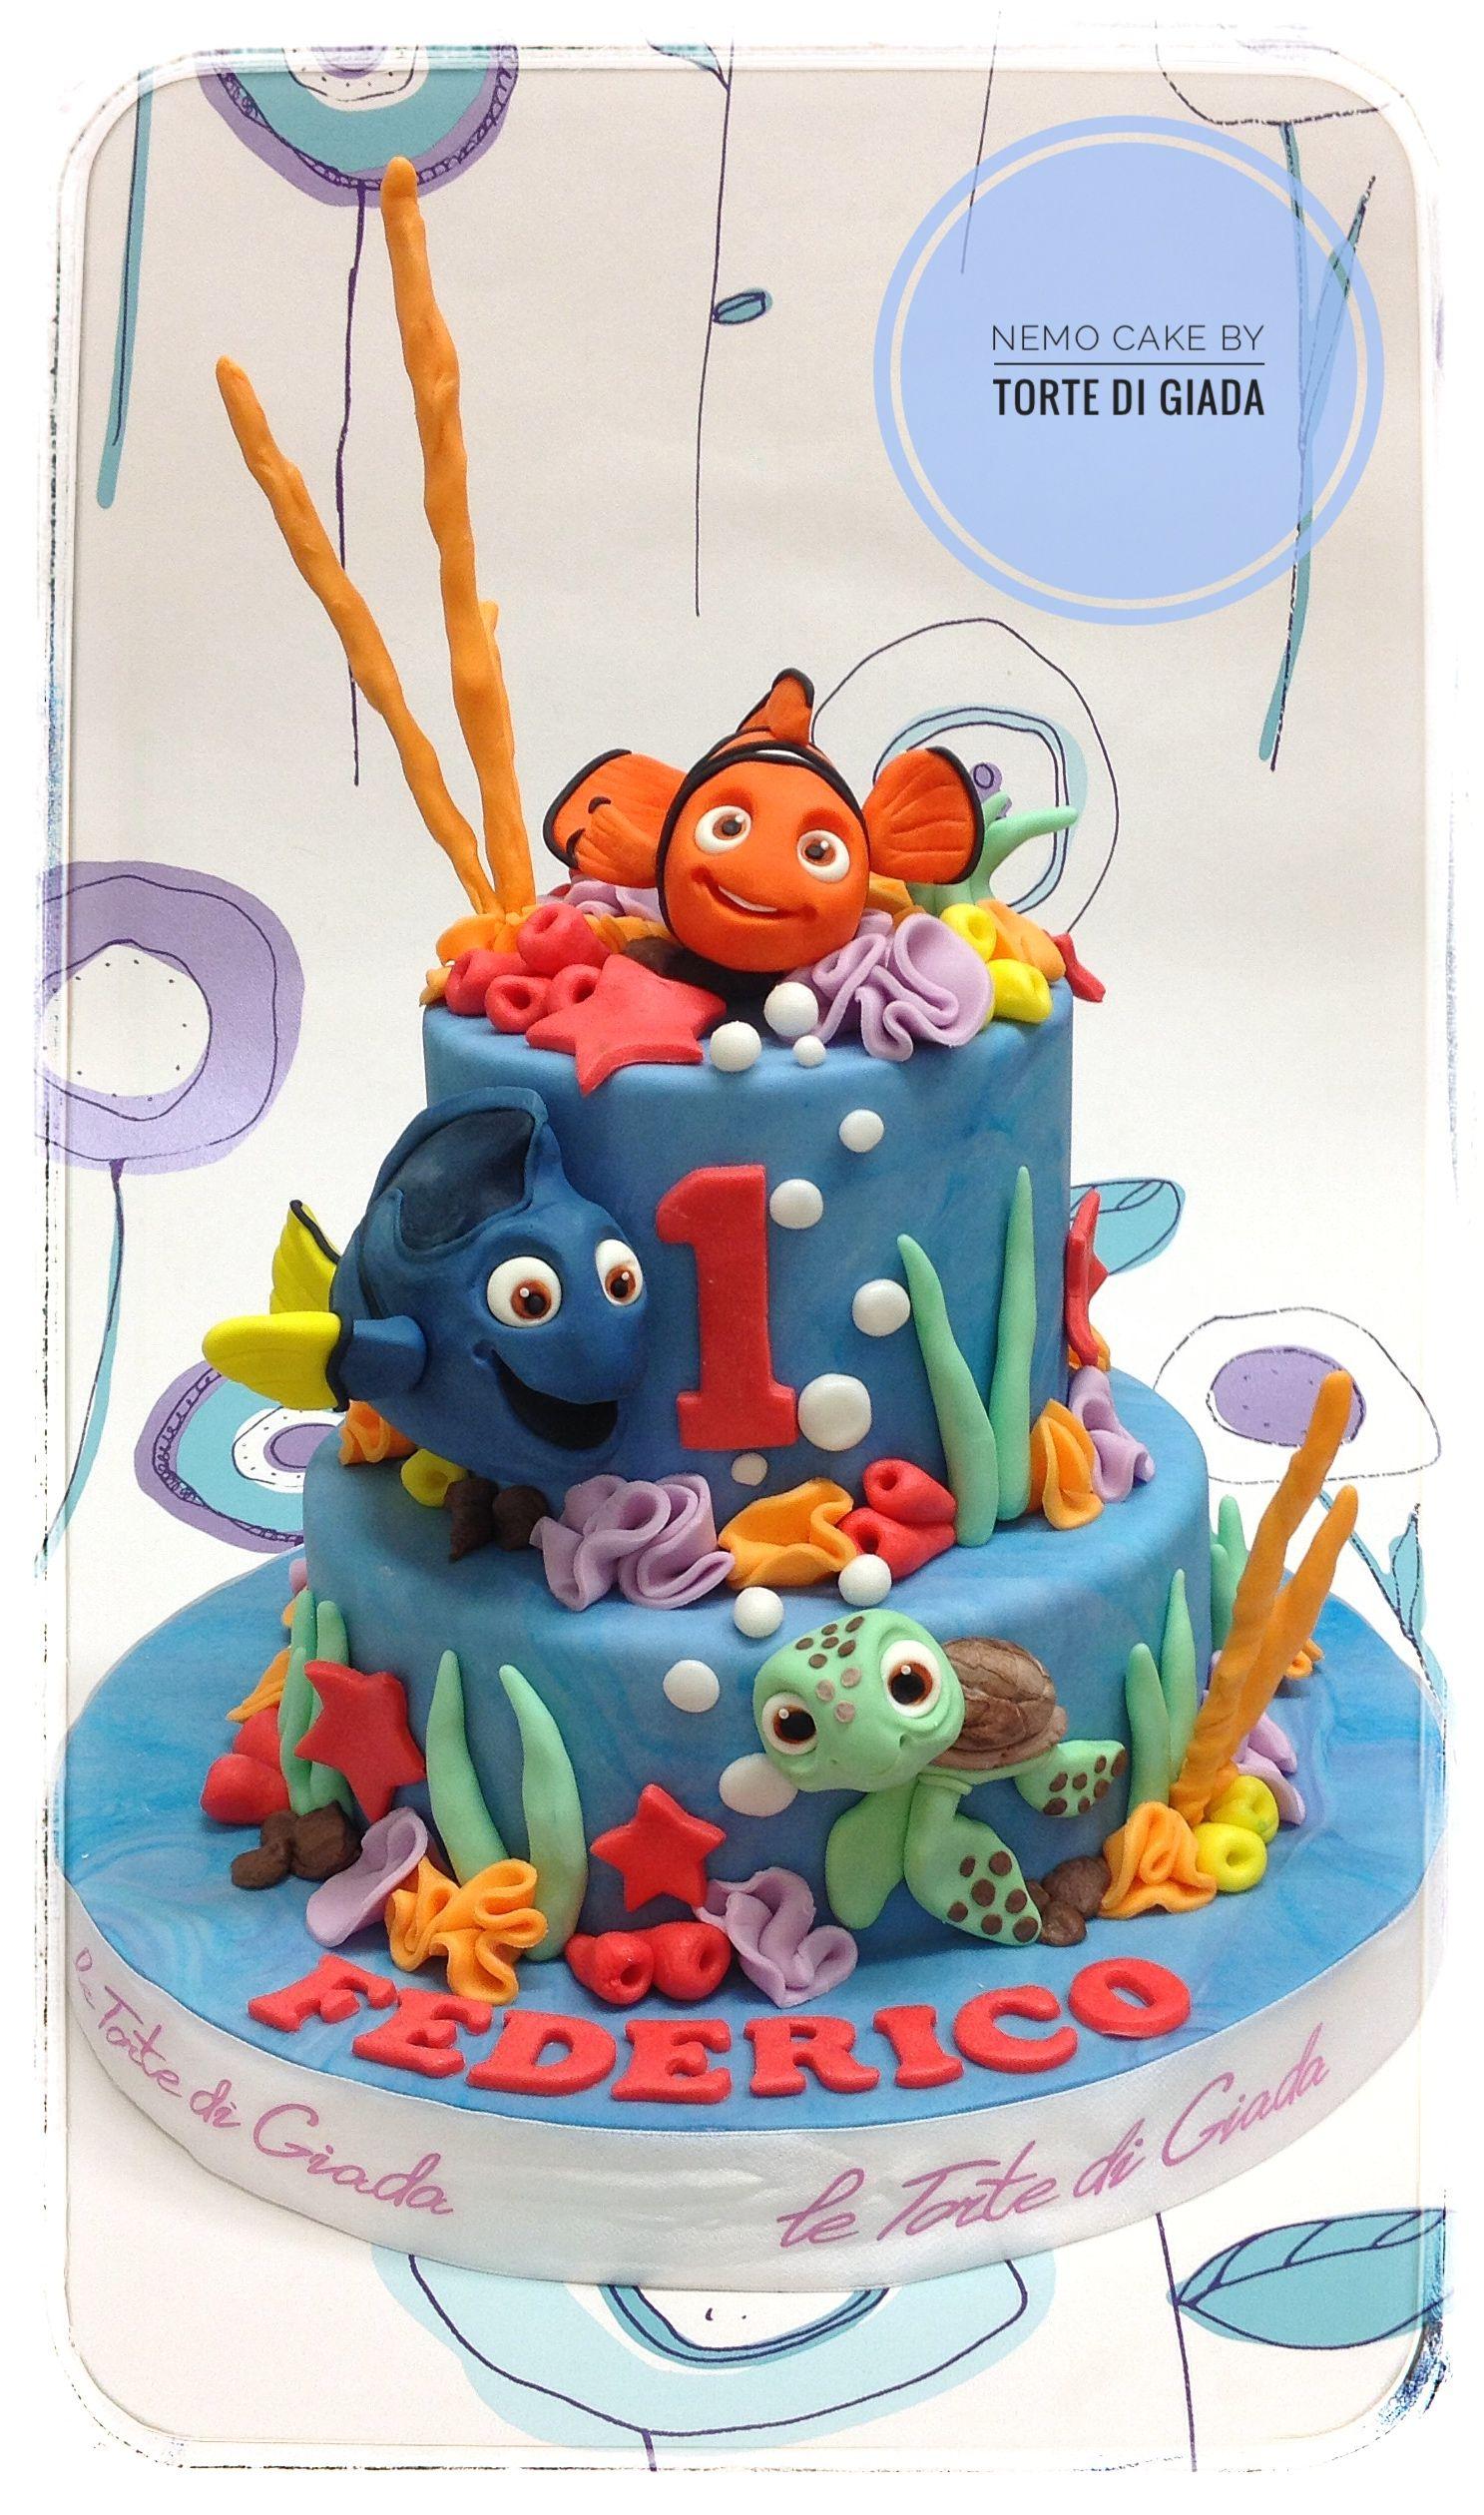 Nemo cake per una festa di compleanno speciale c erano